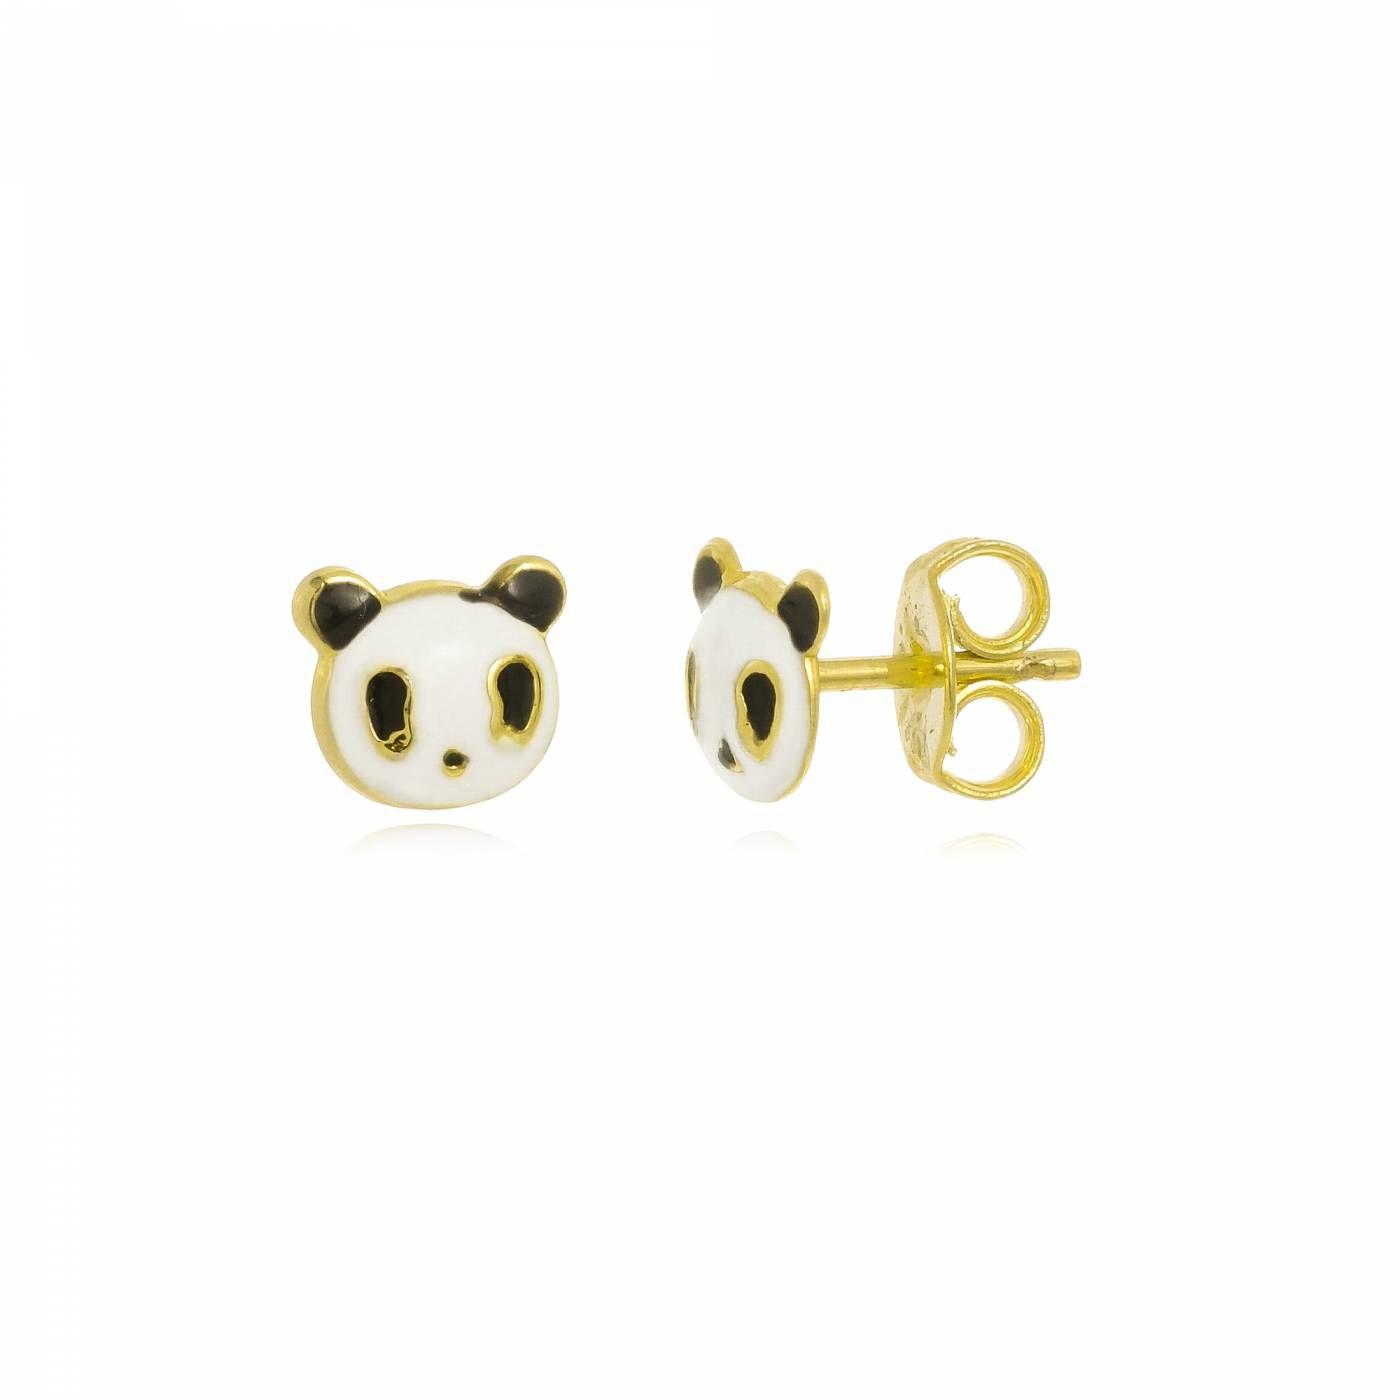 Brinco Panda em Resina Folheado a Ouro 18K